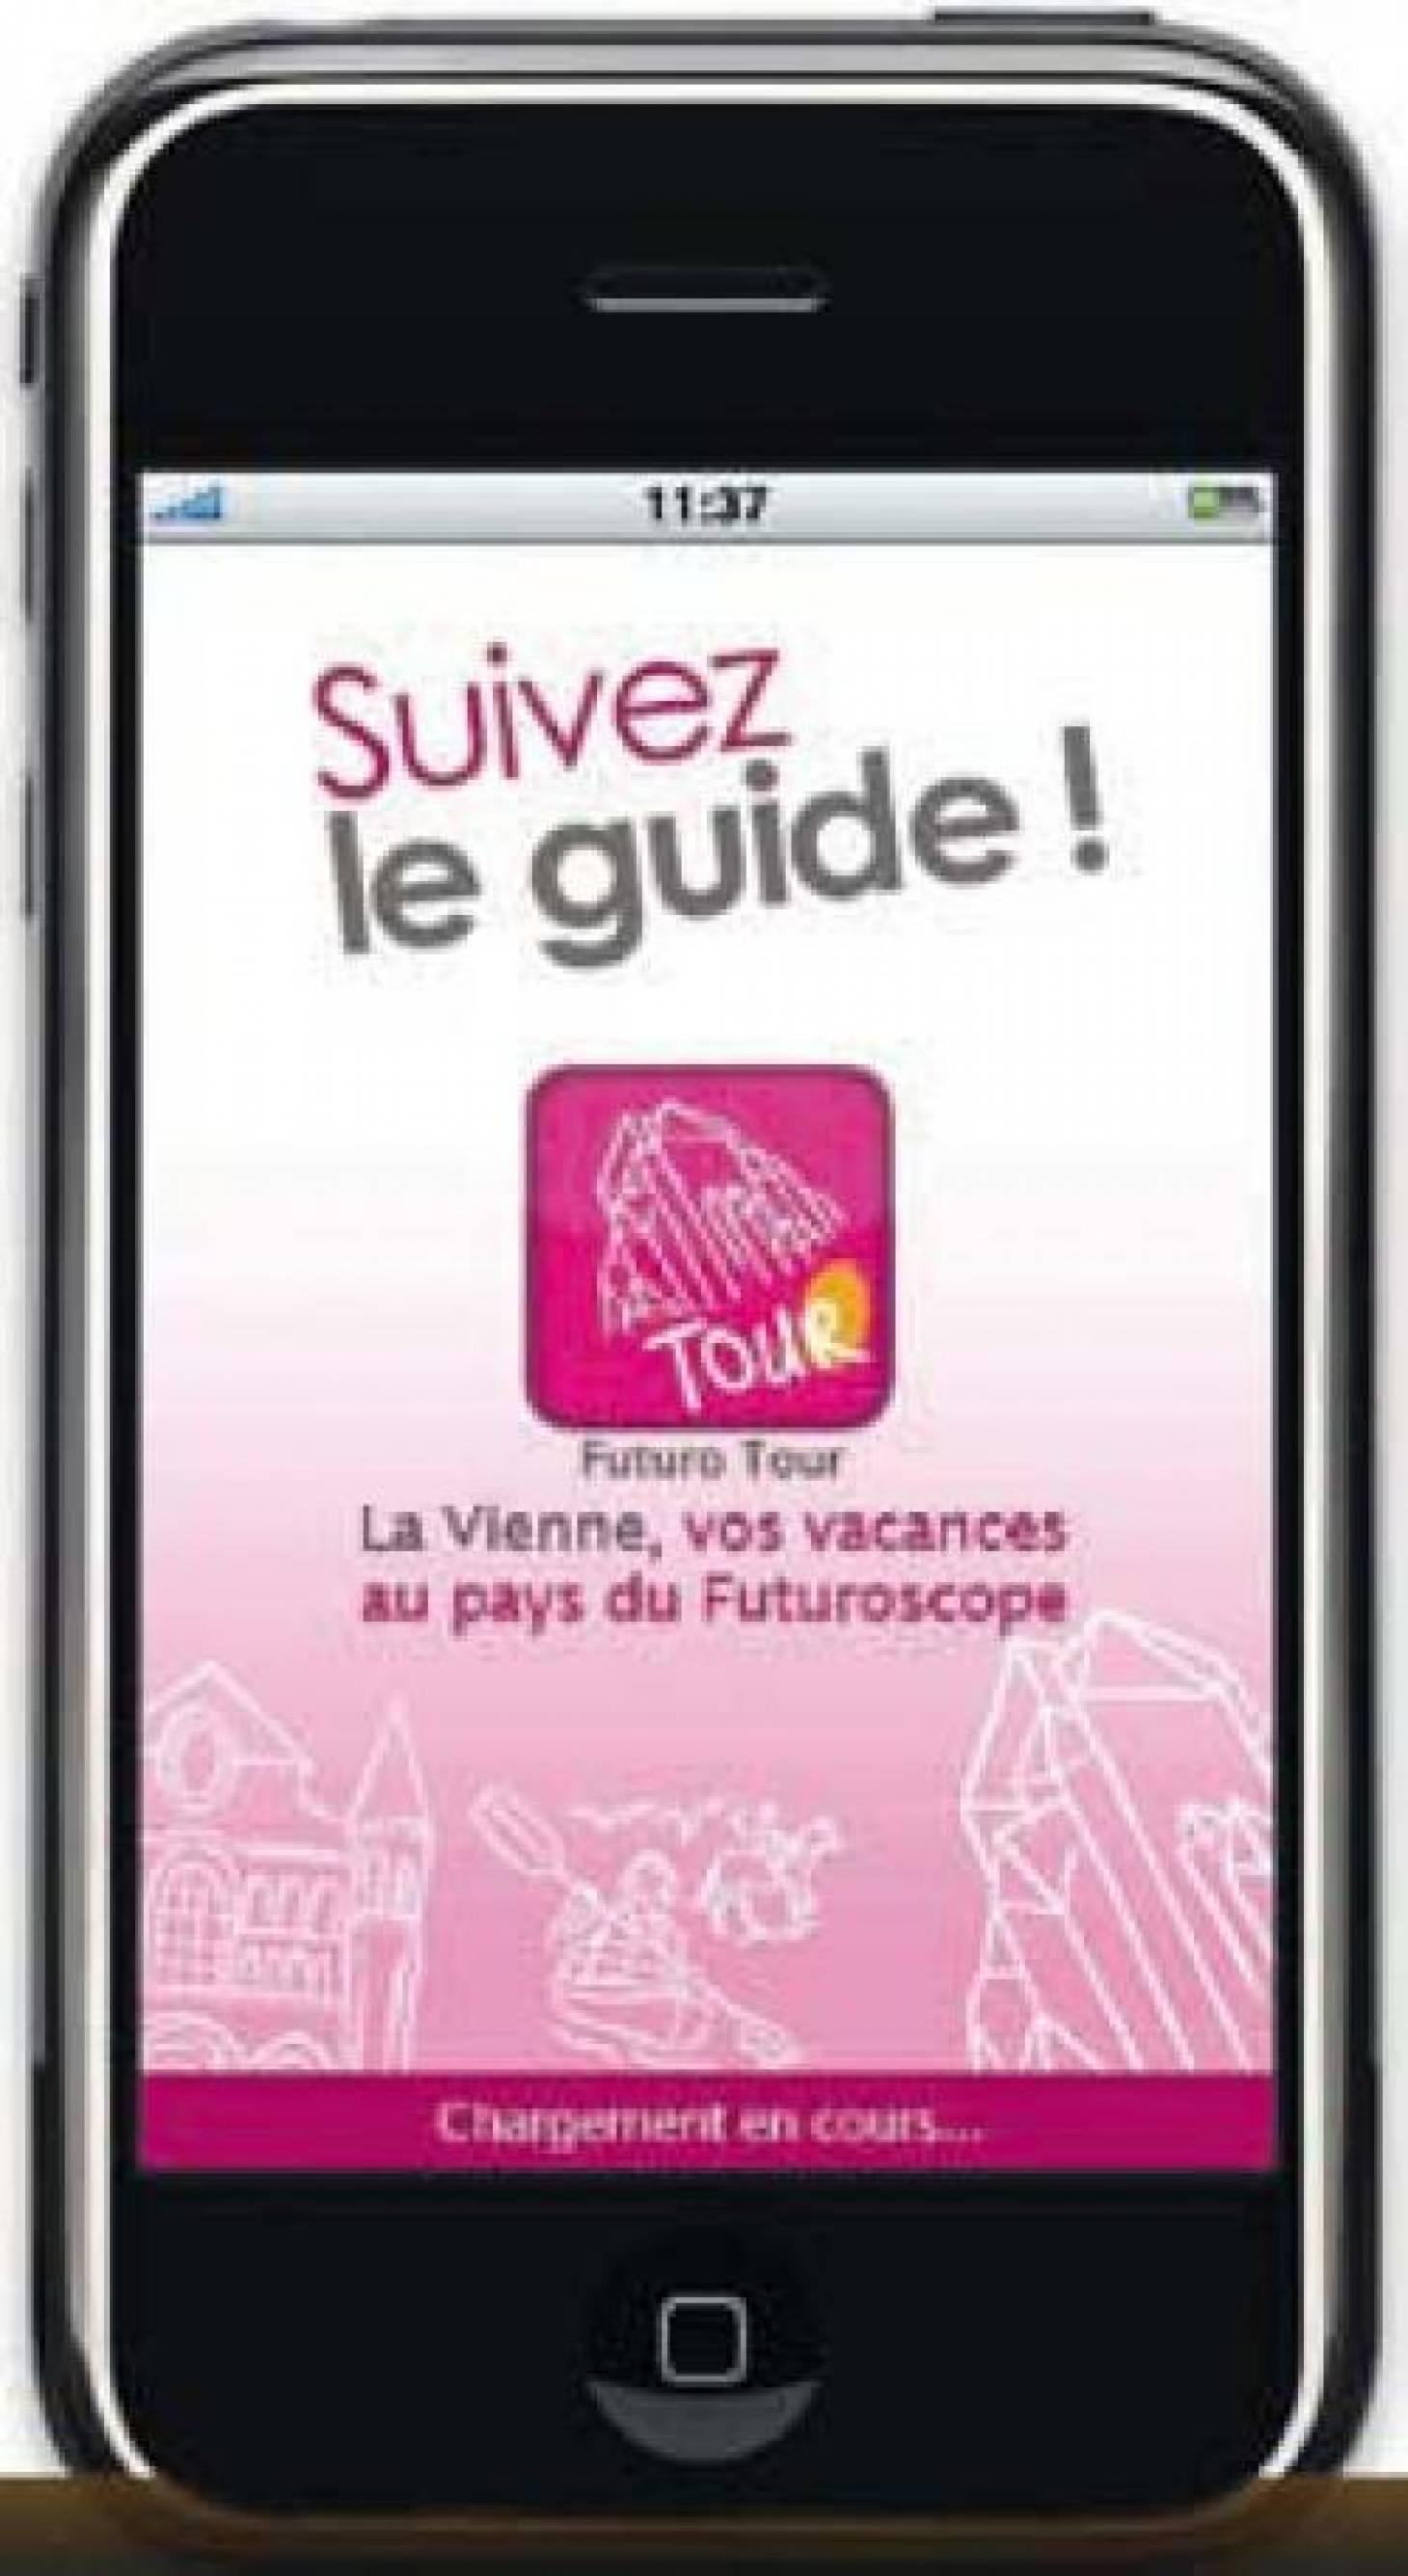 Vienne touristique sur Iphone